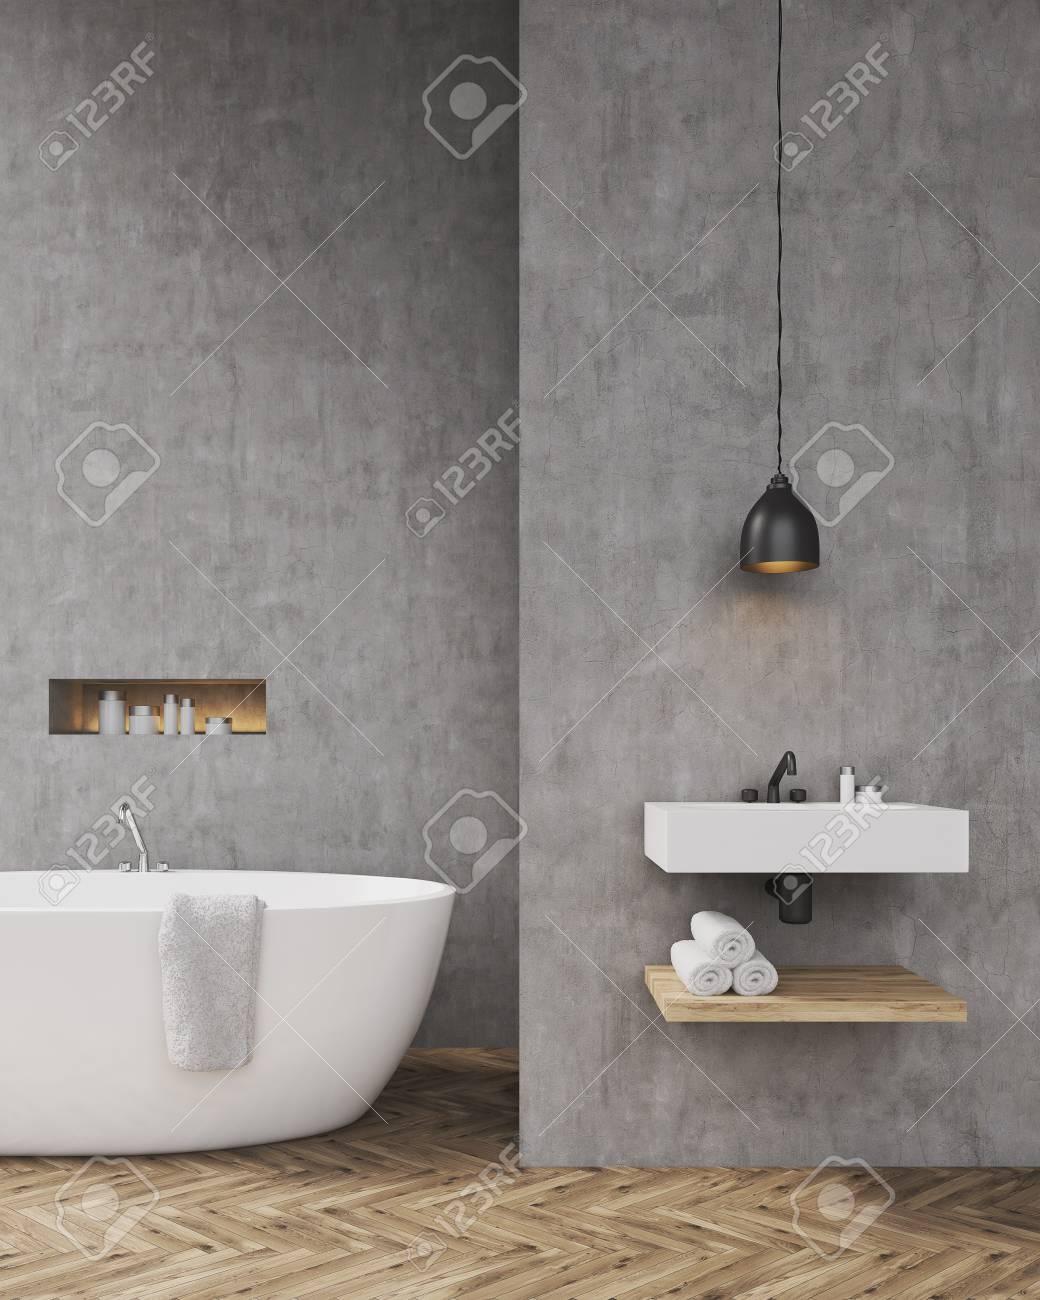 Hochwertig Badezimmer Interieur Mit Badewanne, Ein Regal Für Handtücher Und Waschbecken.  Konzept Der Entspannung